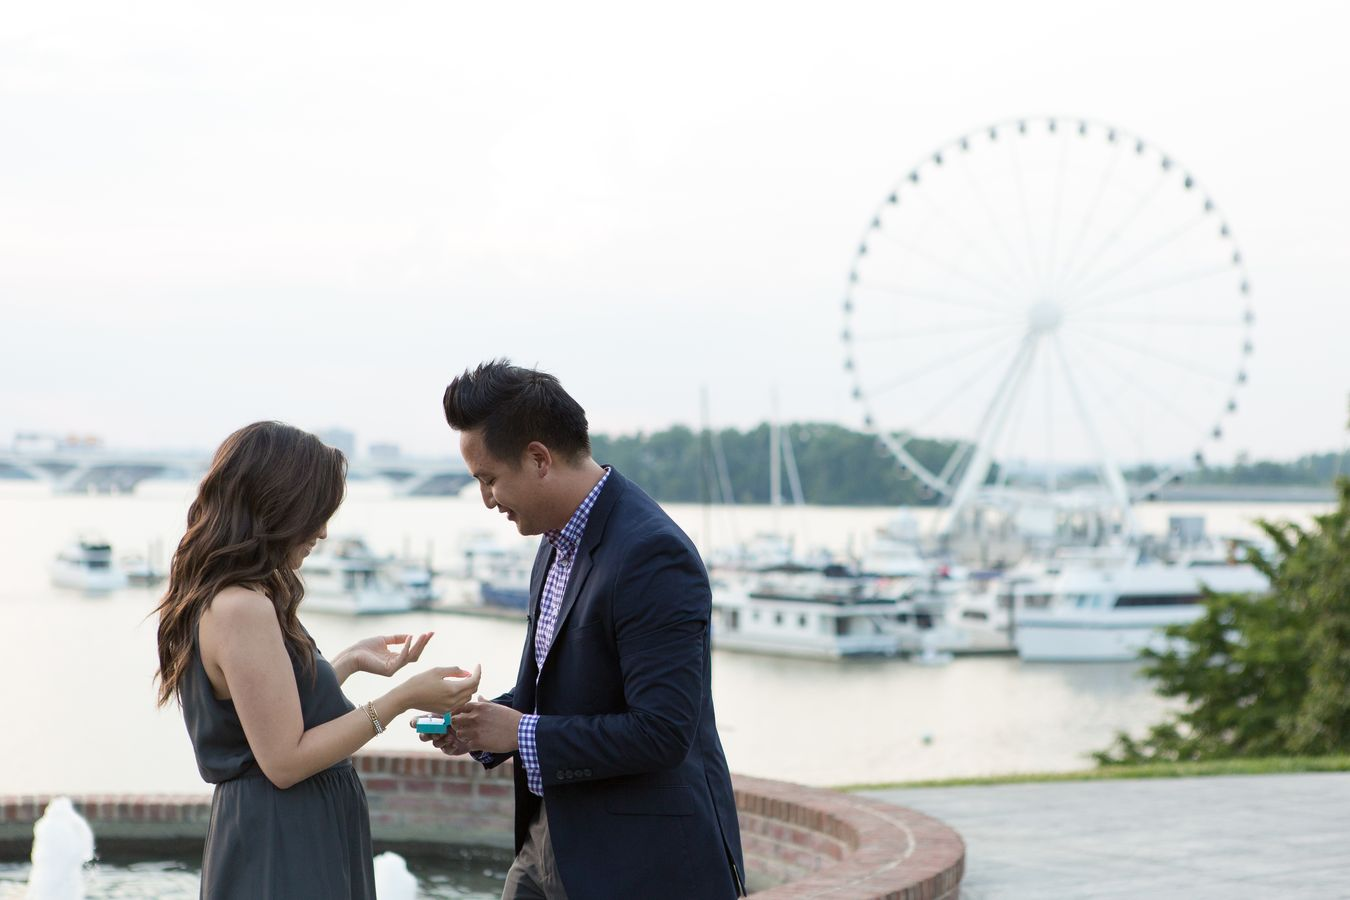 Justin Timberlake-Inspired Proposal